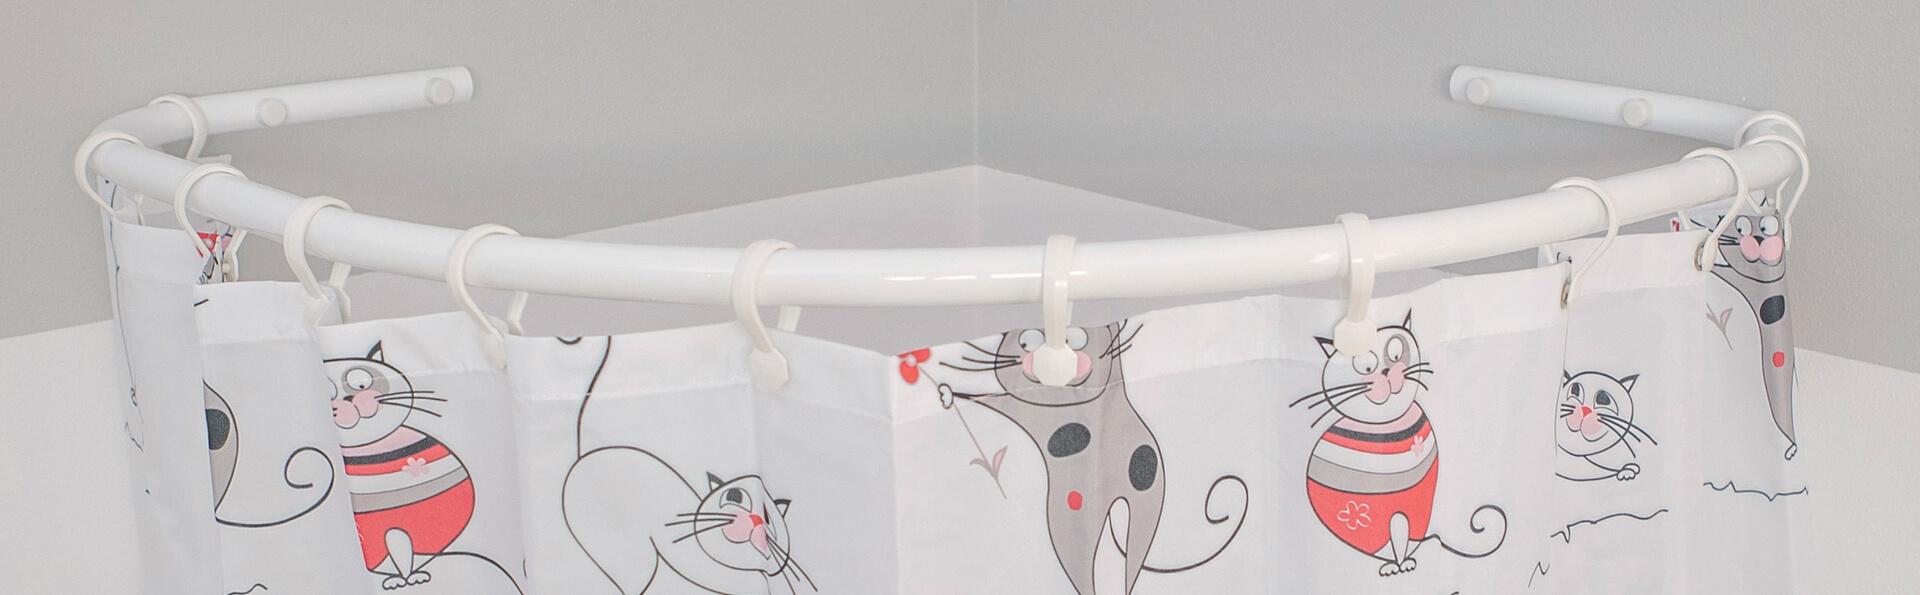 Sasko – Producent drążków do zasłon prysznicowych